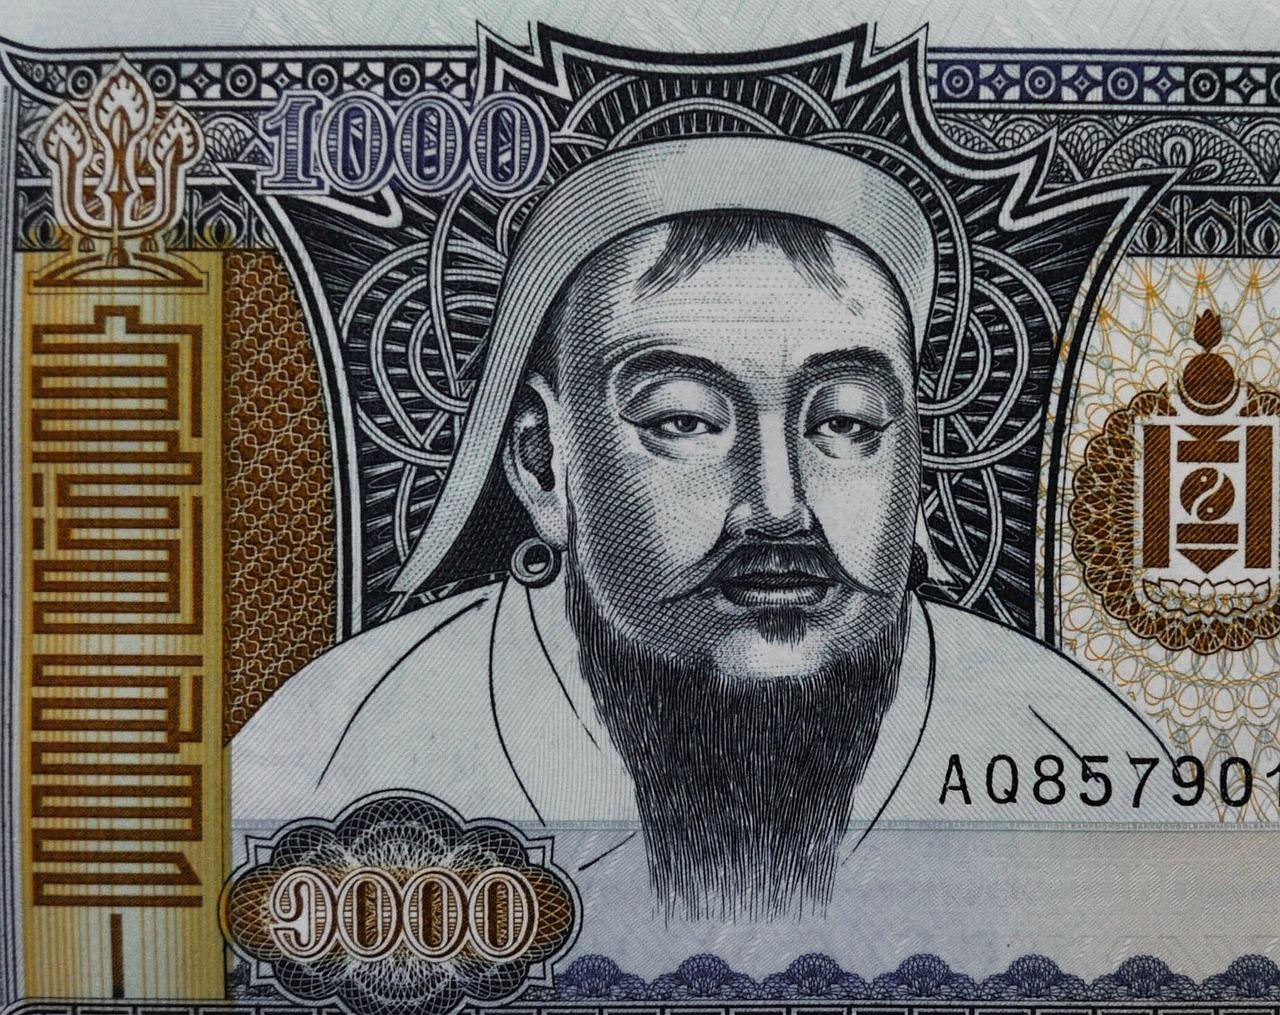 চেঙ্গিস খান: ইতিহাসের সবচেয়ে ভয়ংকর বিজেতার জীবন কাহিনী